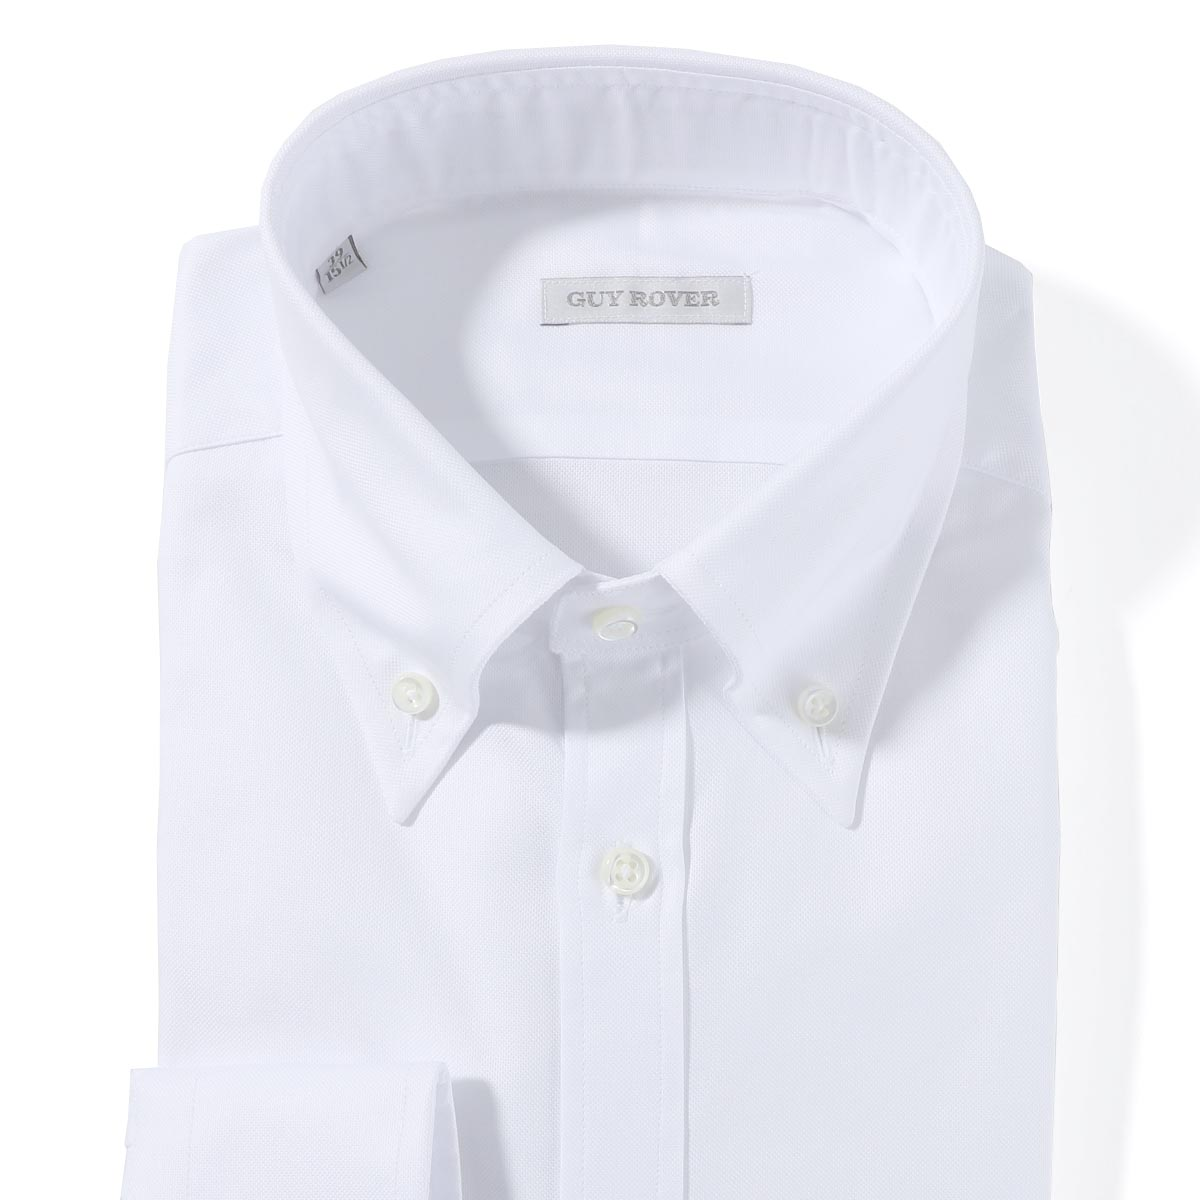 ギローバー GUY ROVER ボタンダウンシャツ ホワイト メンズ 2850v1940 501103 01【あす楽対応_関東】【返品送料無料】【ラッピング無料】